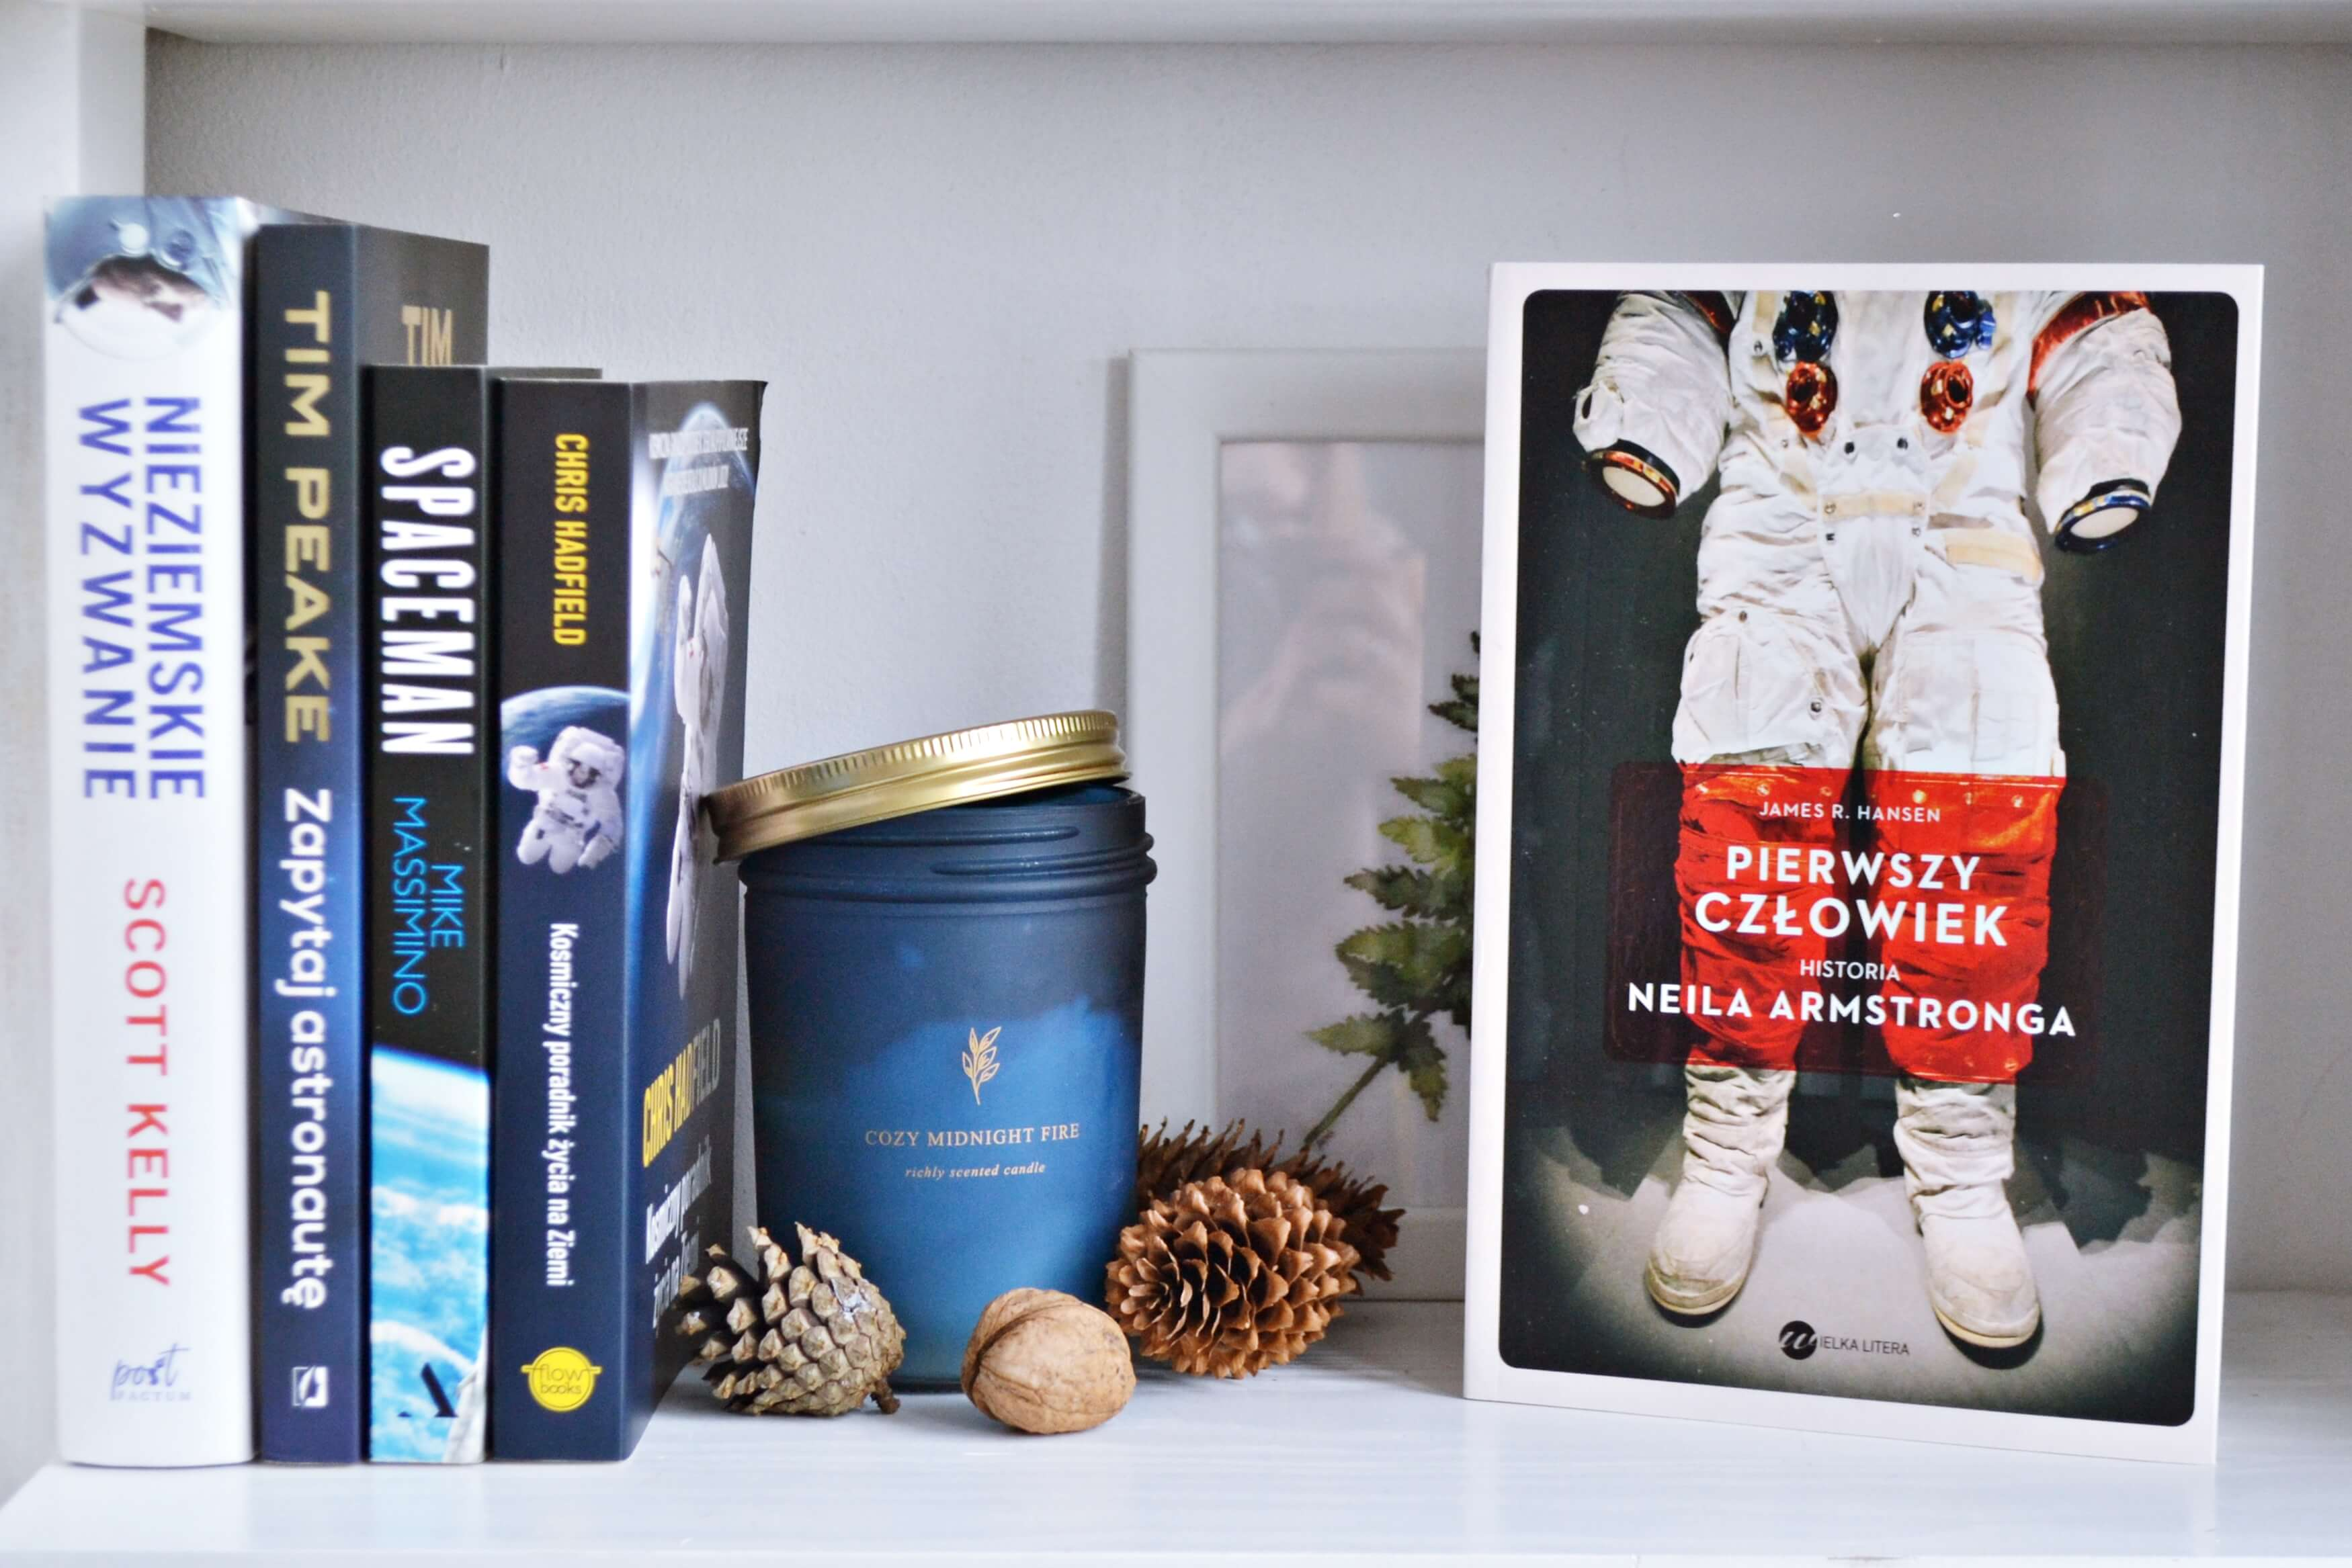 Pierwszy człowiek. Historia Neila Armstronga - James R. Hansen